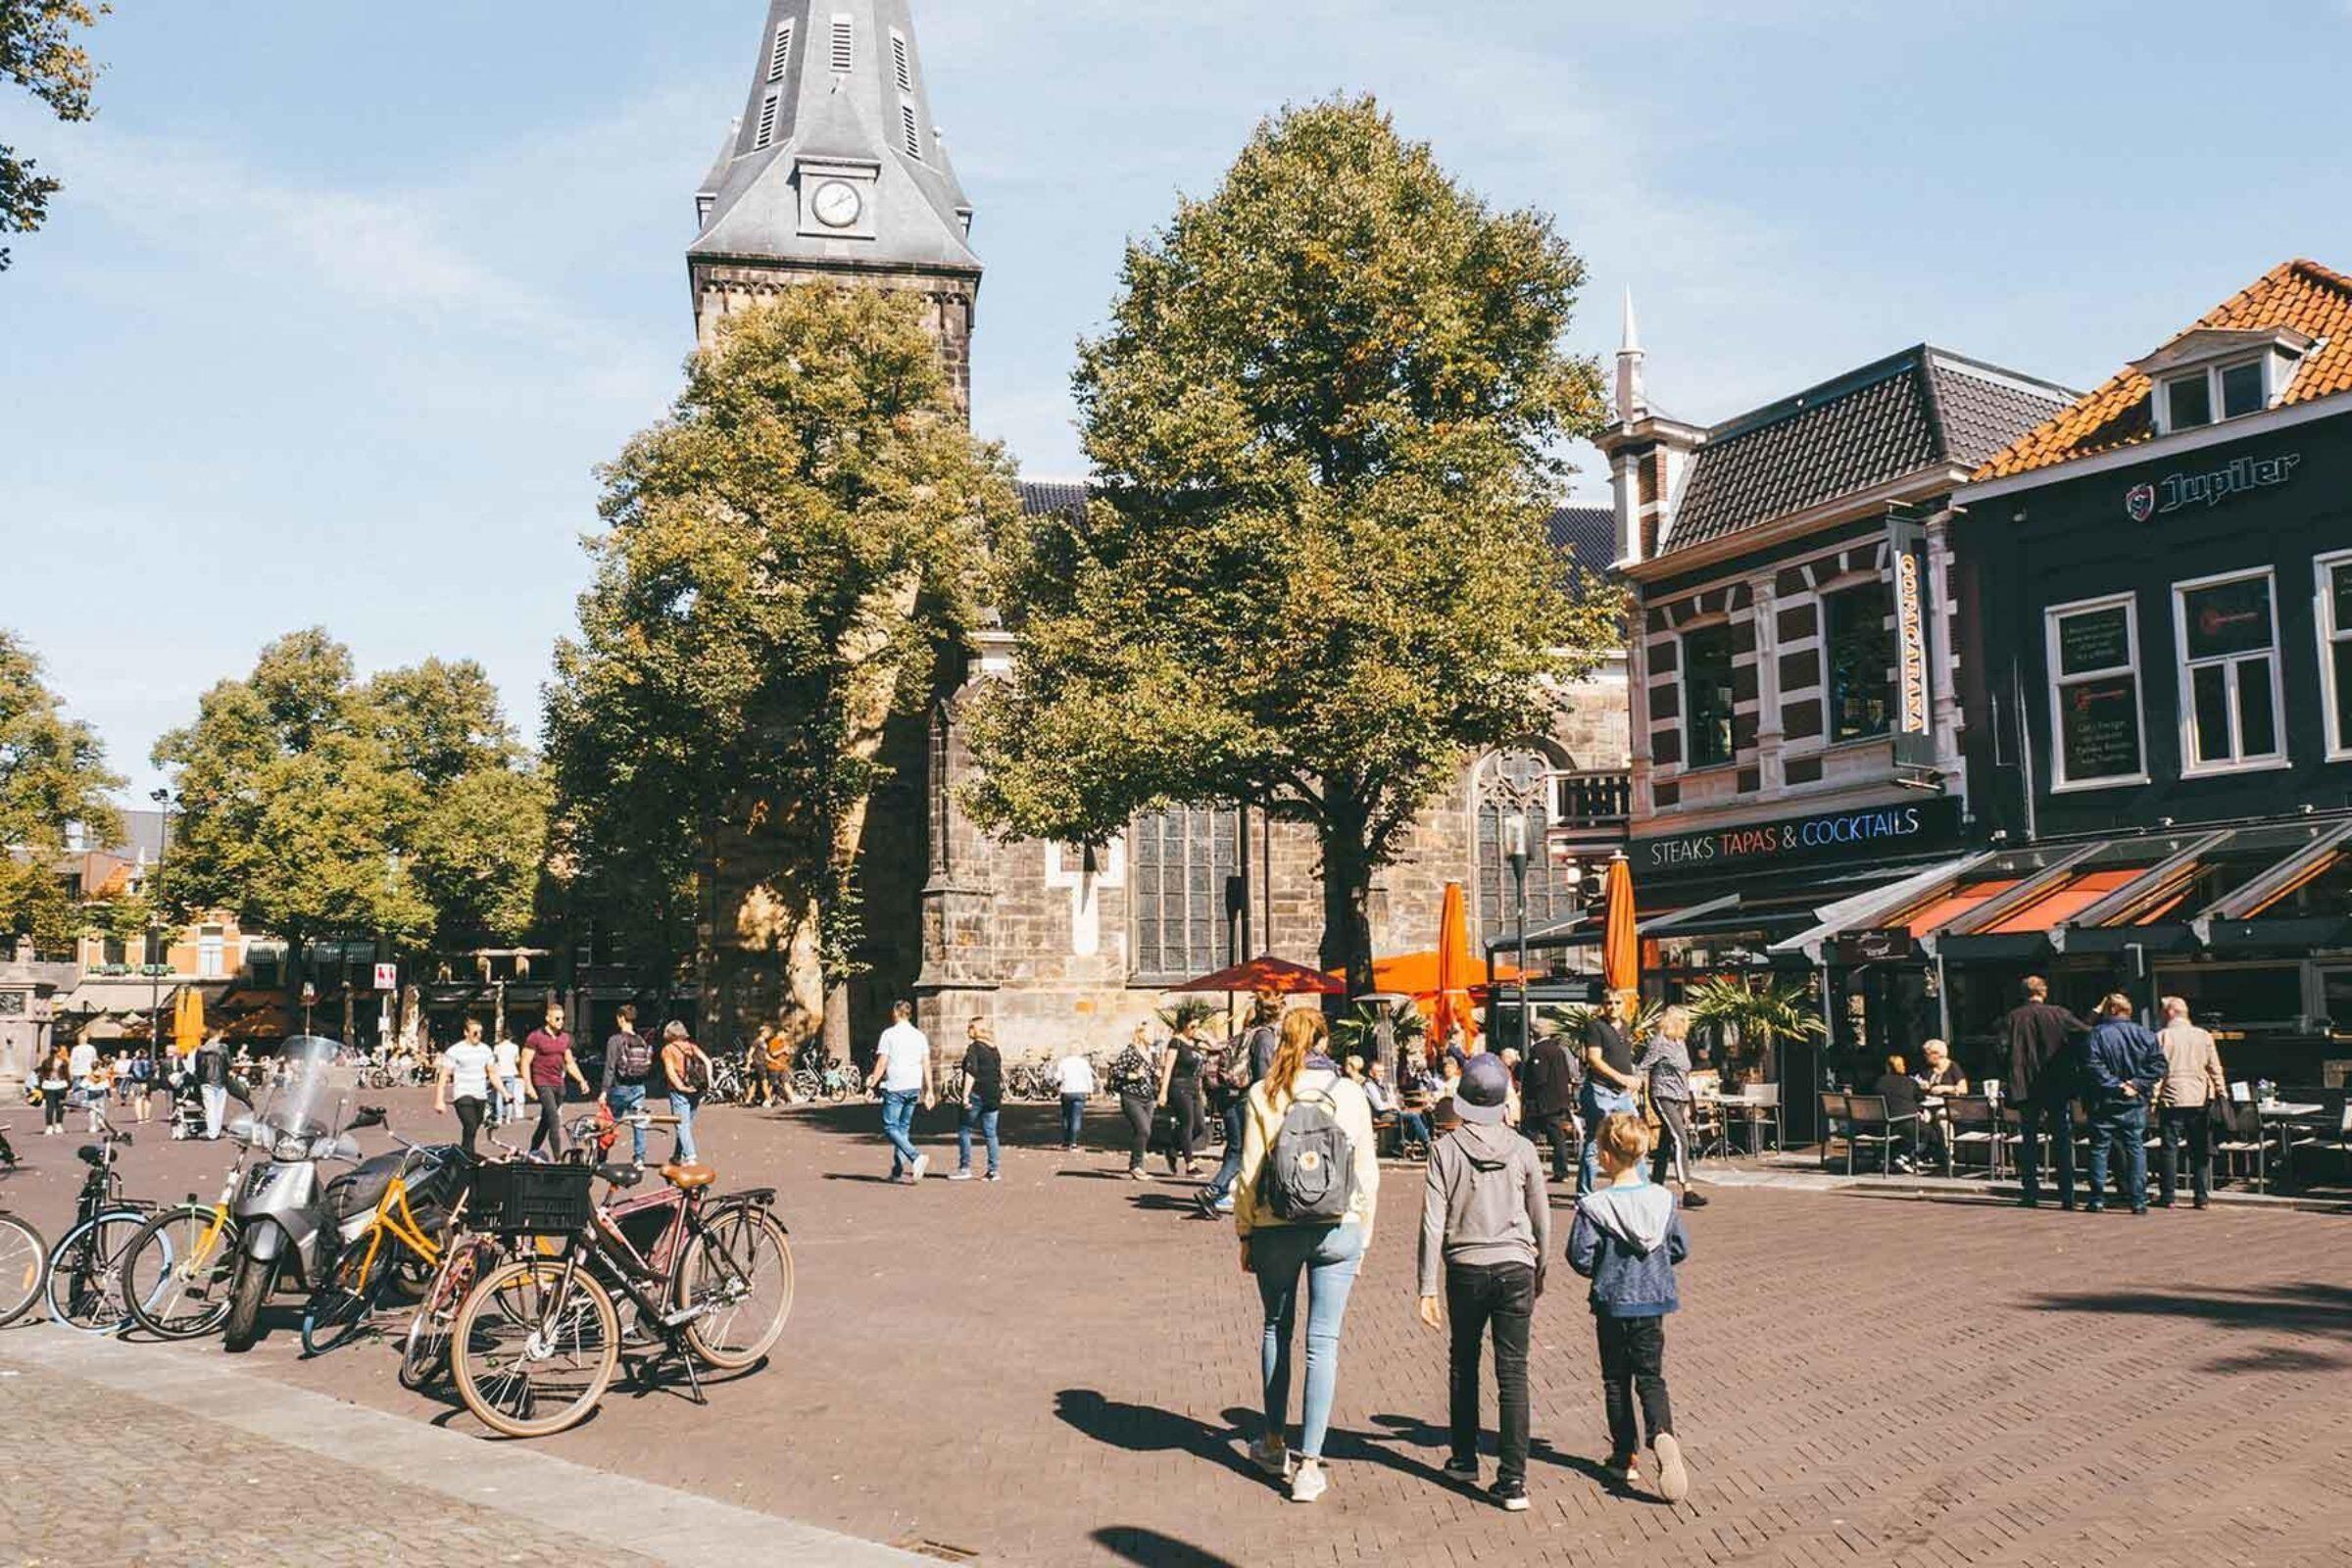 Enschede niederlande 07 191010 100206 3557 1570694523 mtime3 D20191010100209